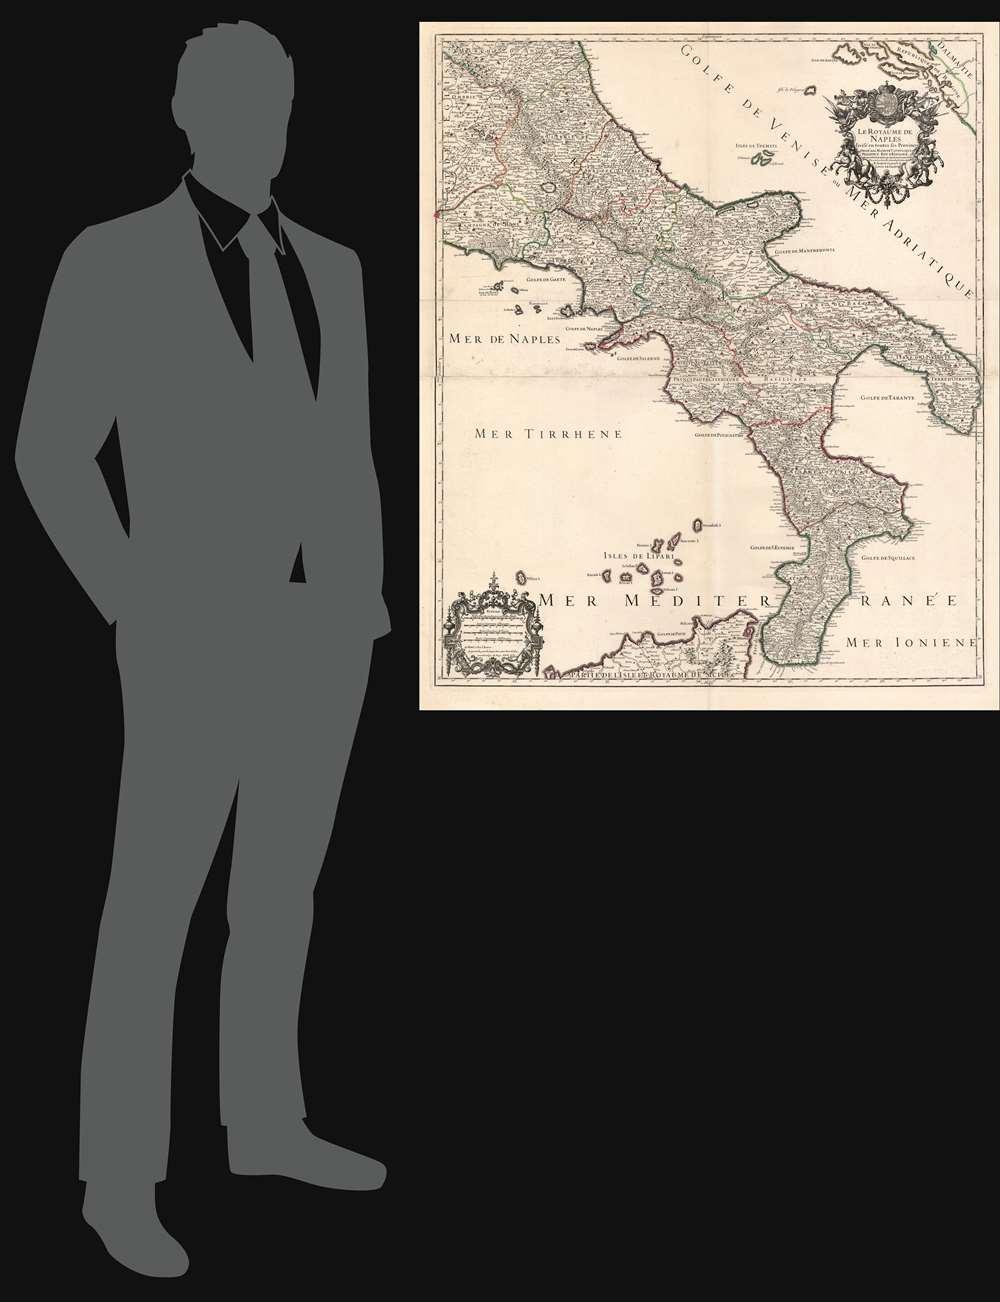 Le royaume de Naples divisé en toutes ses provinces... - Alternate View 1